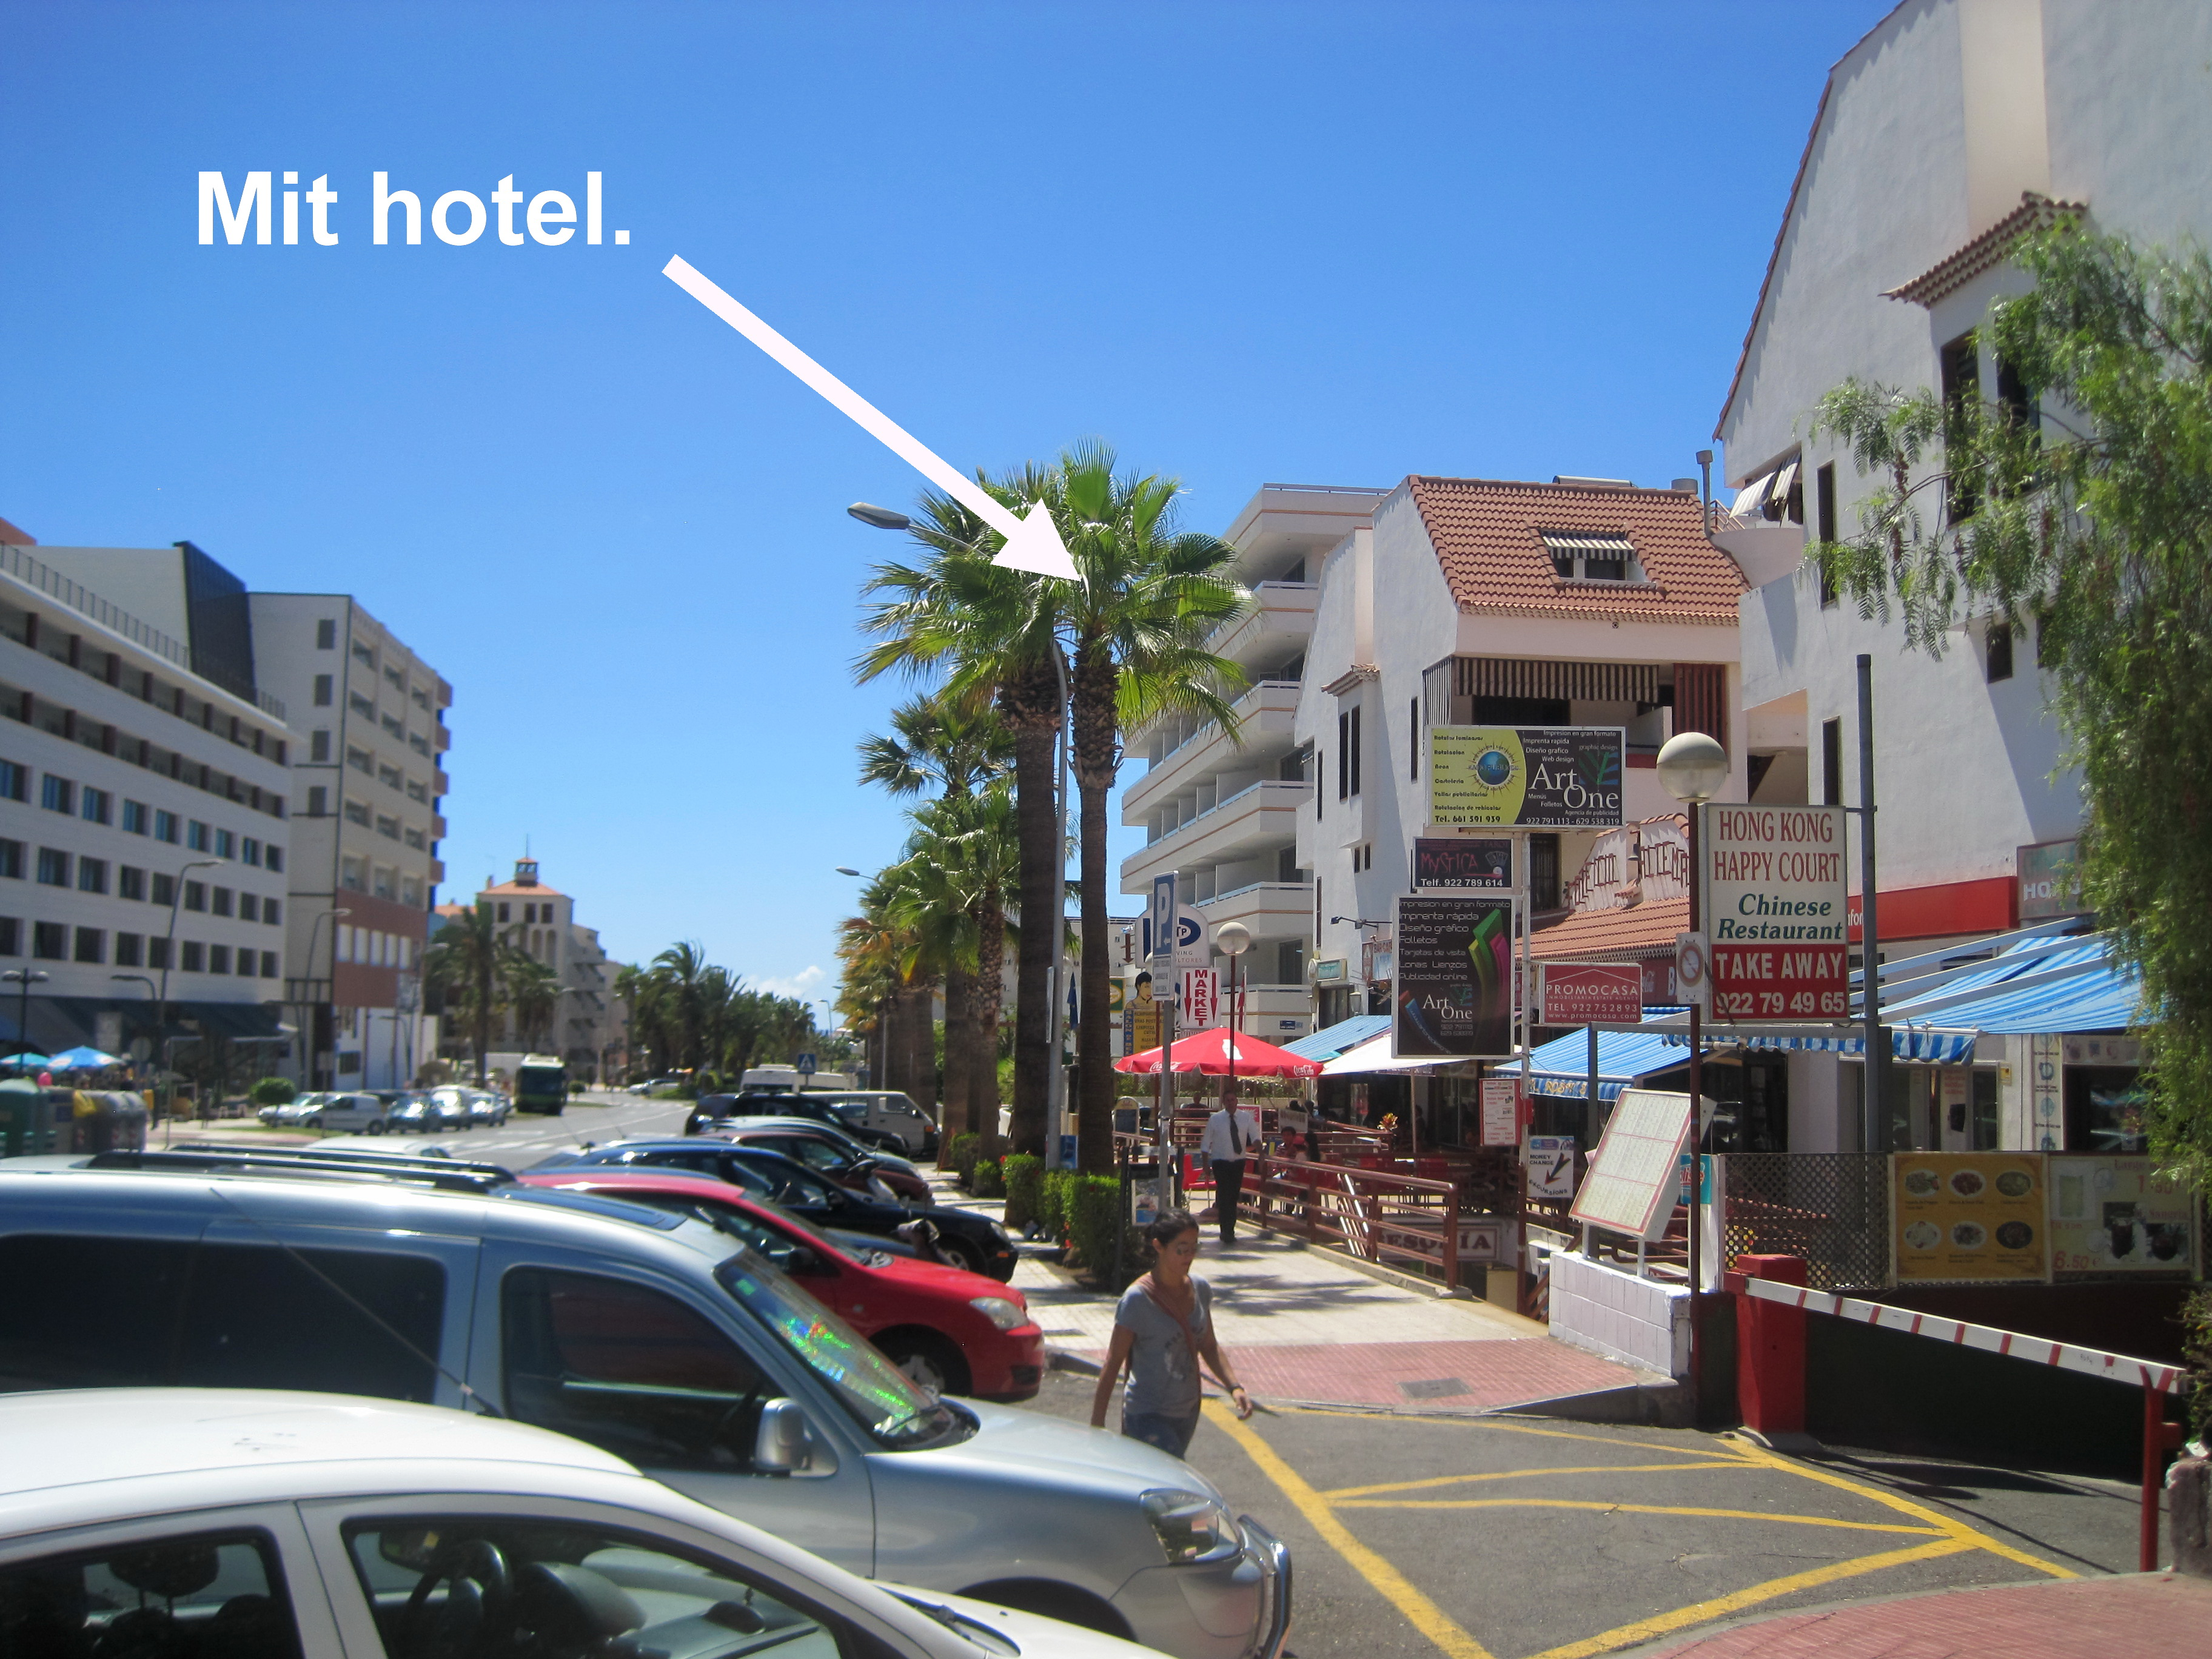 Mit hotel